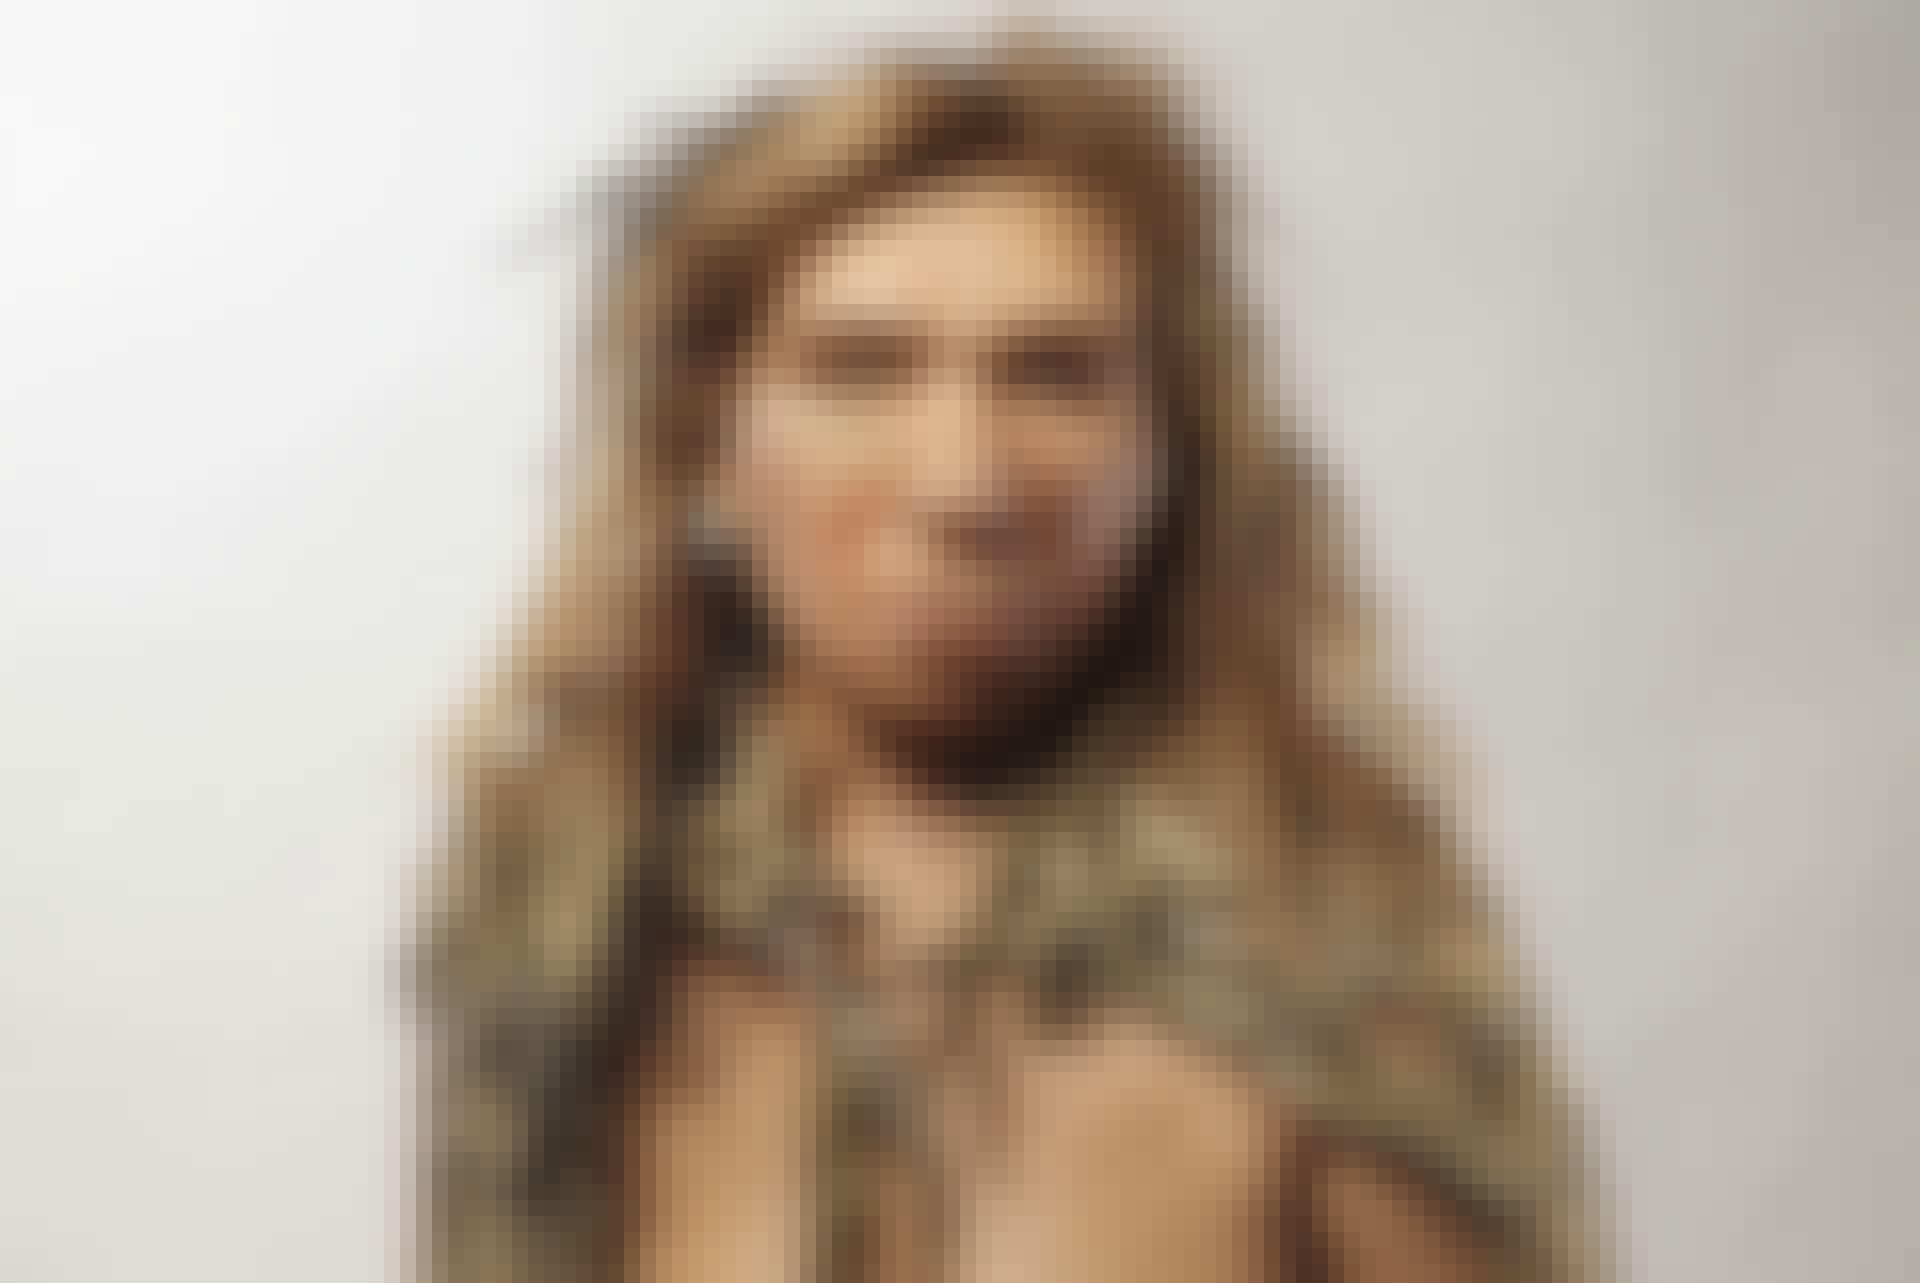 Hur intelligenta var neandertalarna?